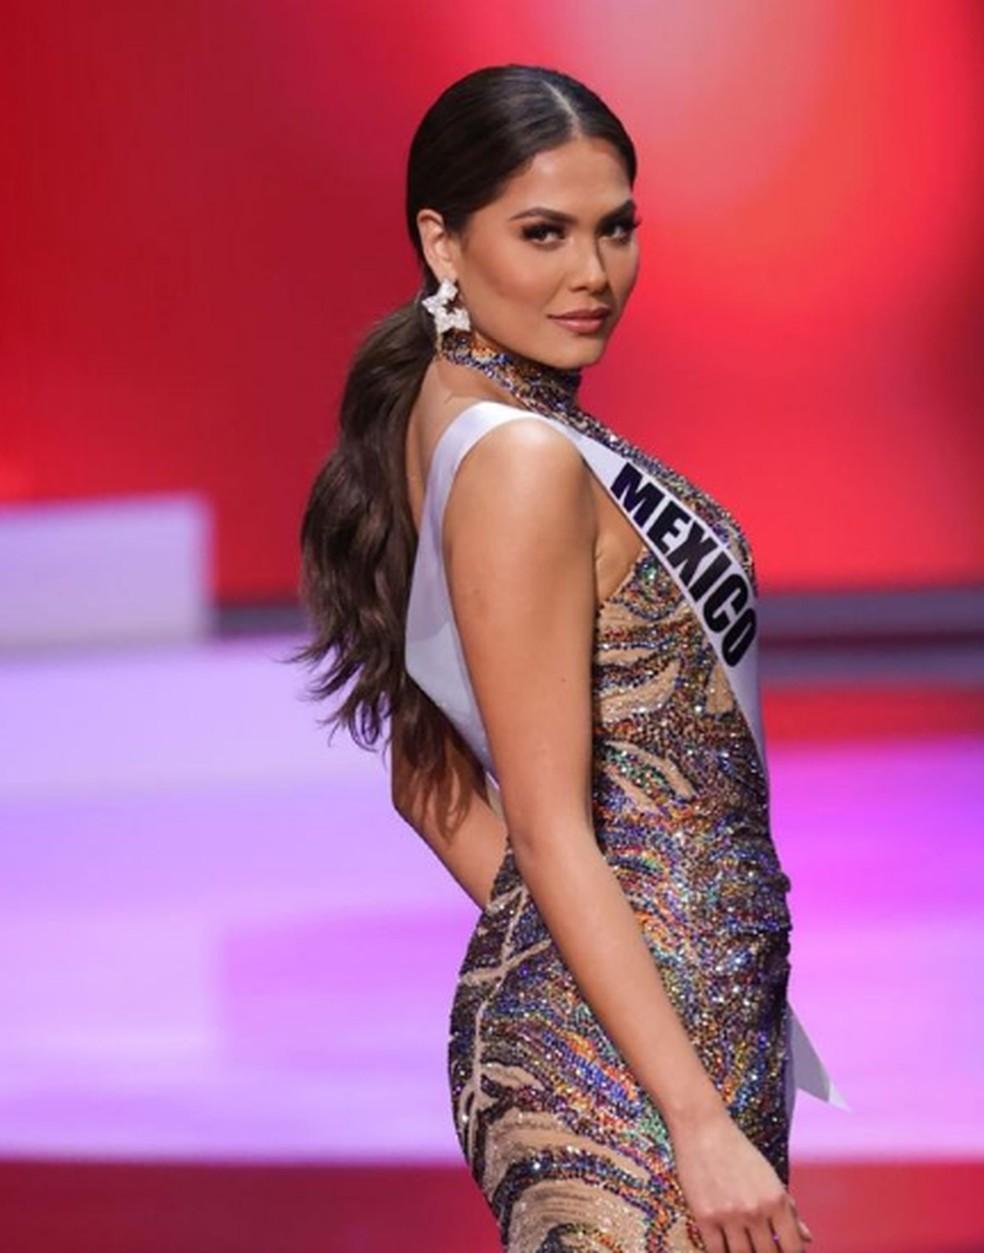 A mexicana Andrea Meza, eleita Miss Universo  — Foto: Reprodução Instagram/andreamezamx